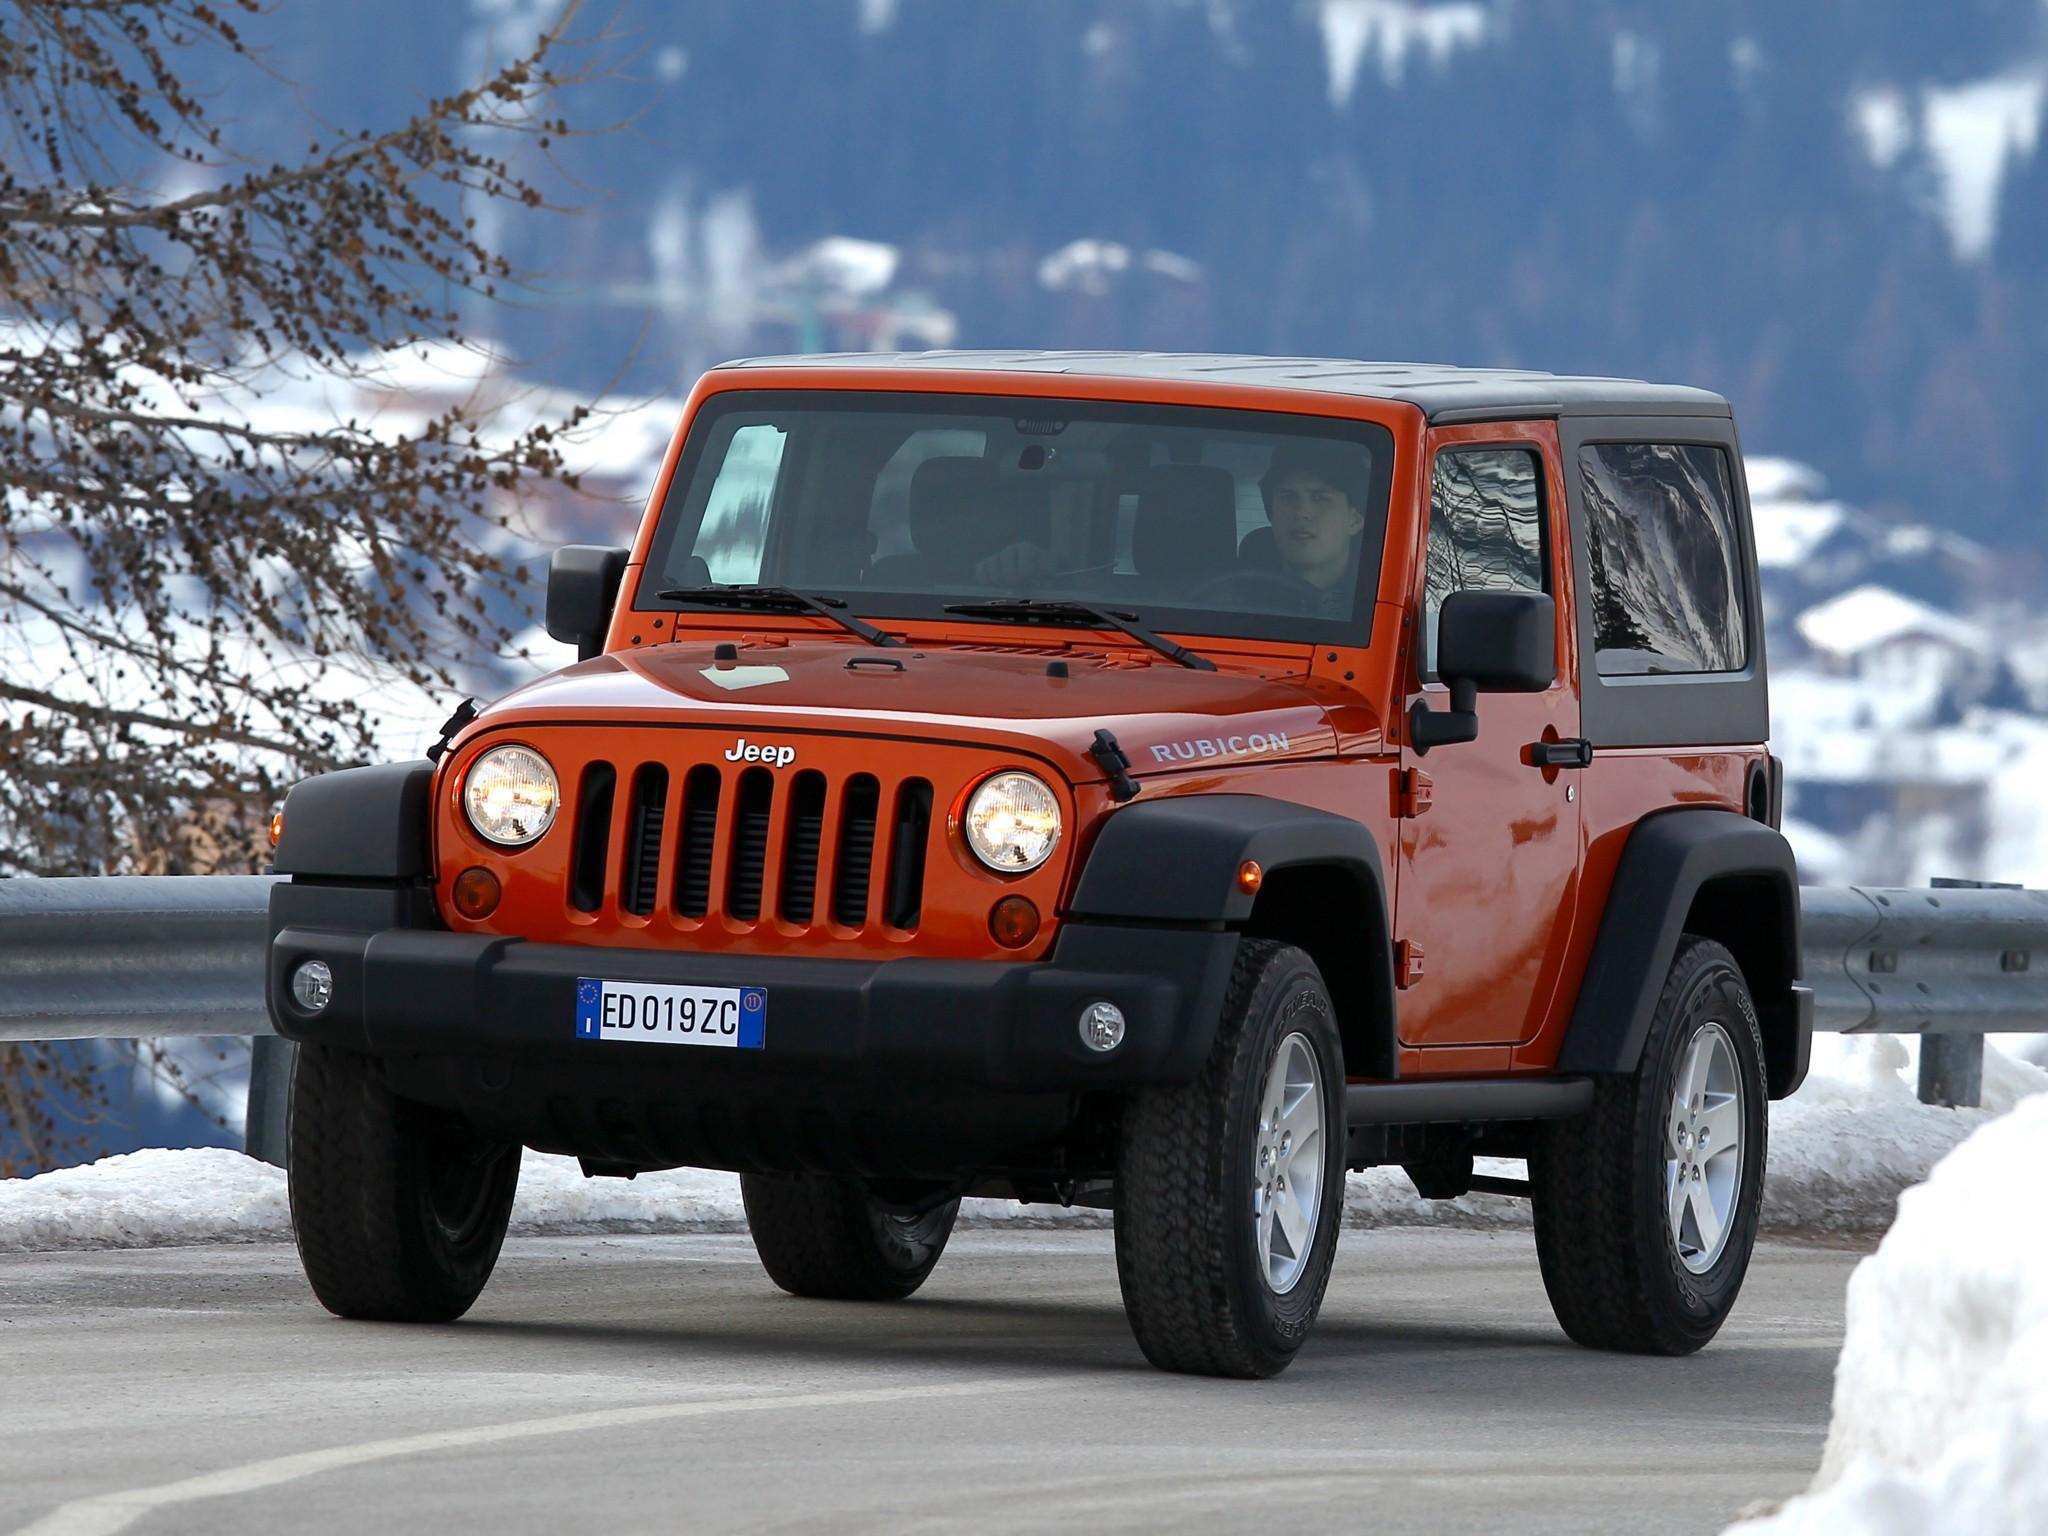 Jeep Wrangler Convertible 2-door (JK) 2.8 TD MT (200 HP ...